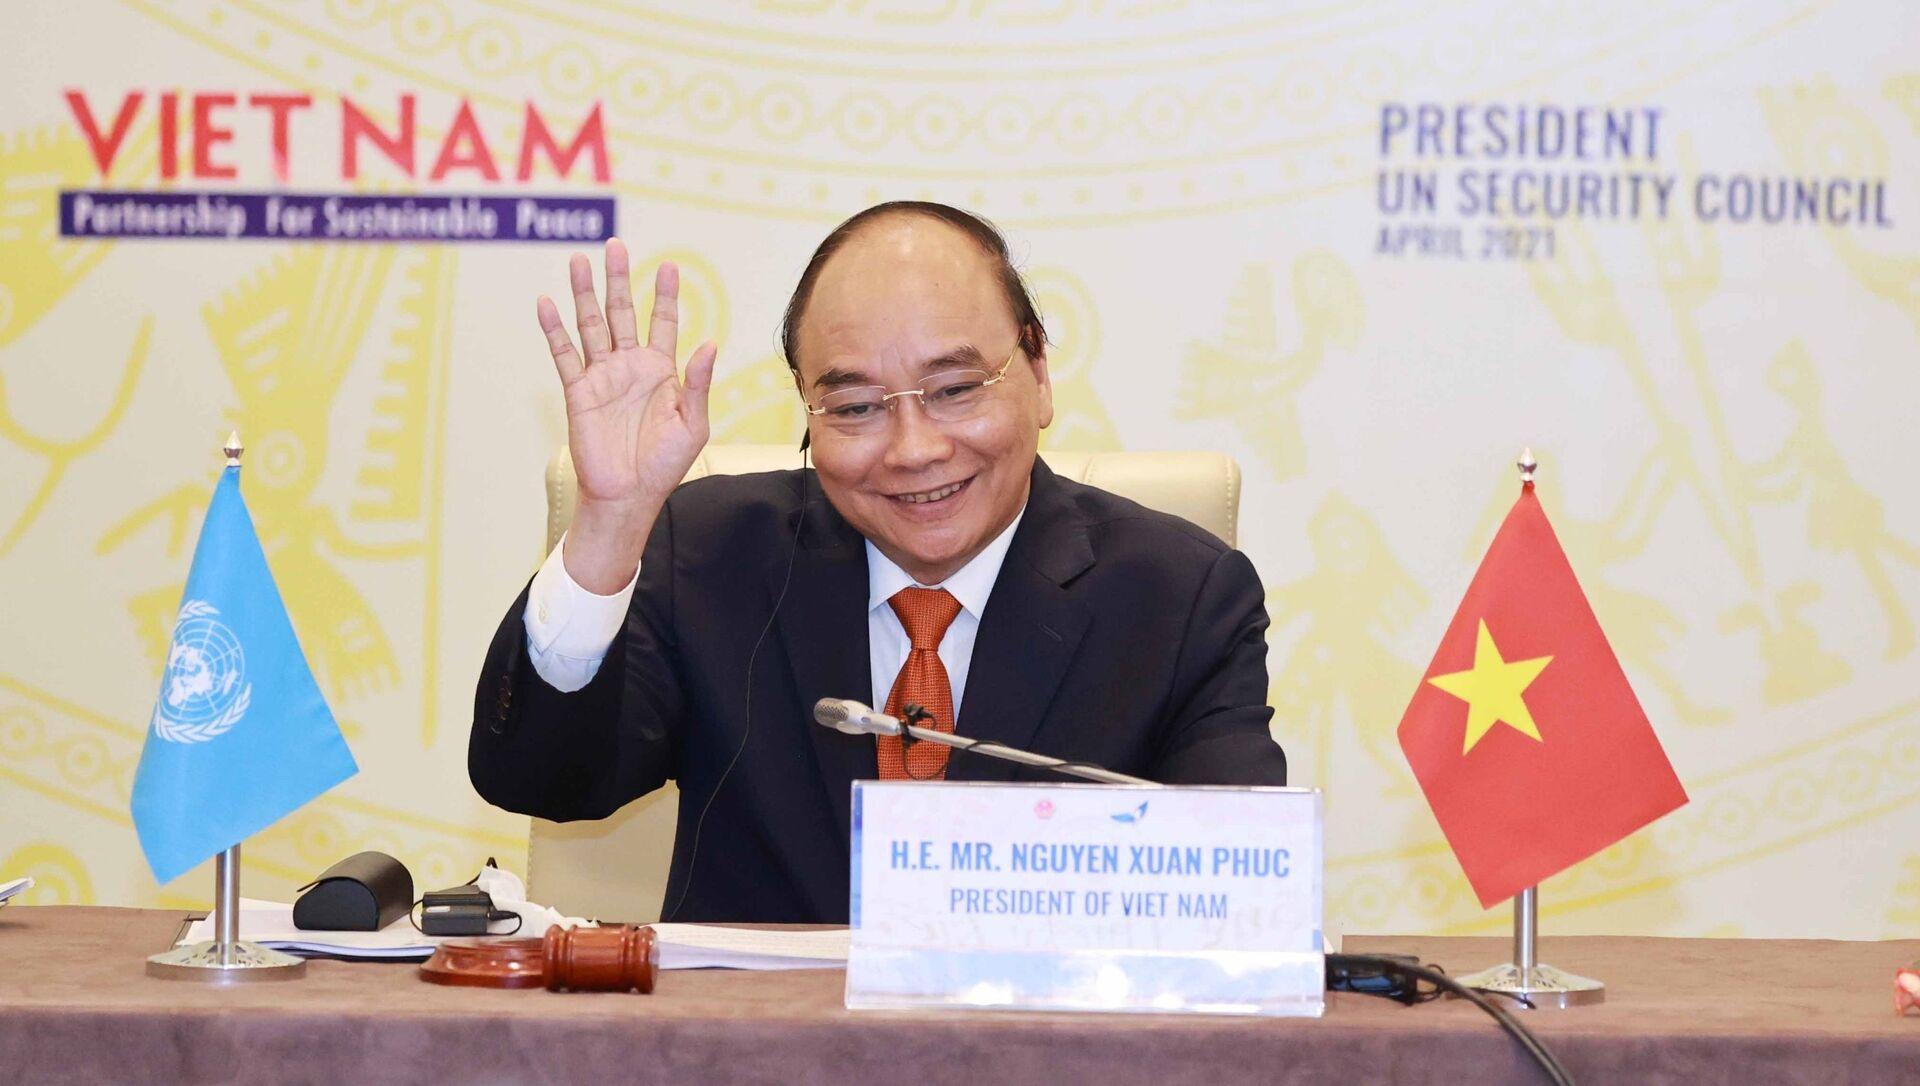 Chủ tịch nước Nguyễn Xuân Phúc chủ trì Phiên thảo luận mở Cấp cao của Hội đồng Bảo an LHQ - Sputnik Việt Nam, 1920, 20.04.2021